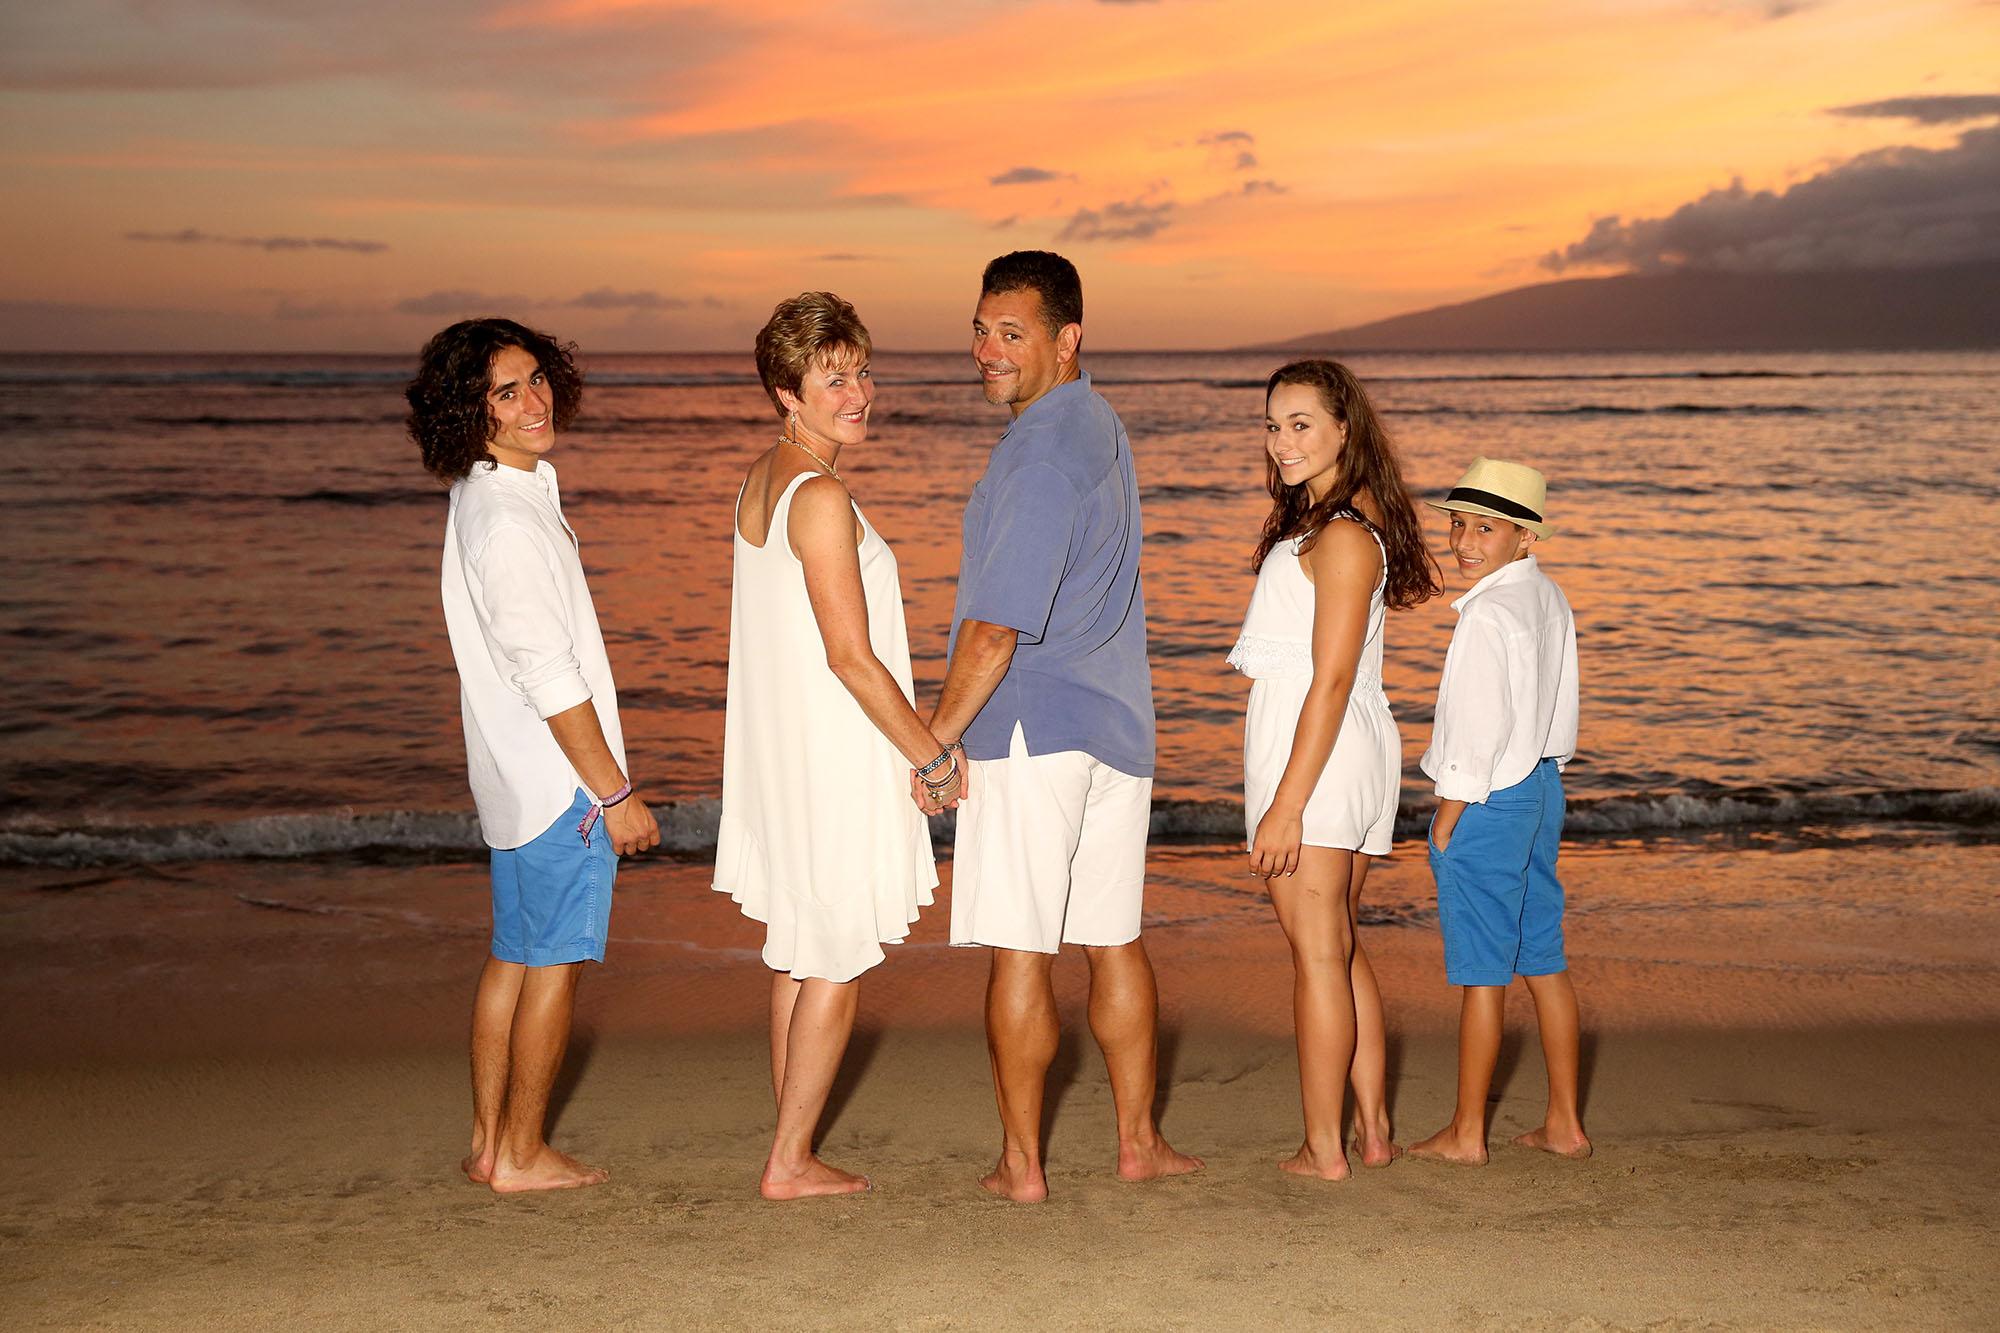 Maui Beach Portrait Sunset 015 08 L